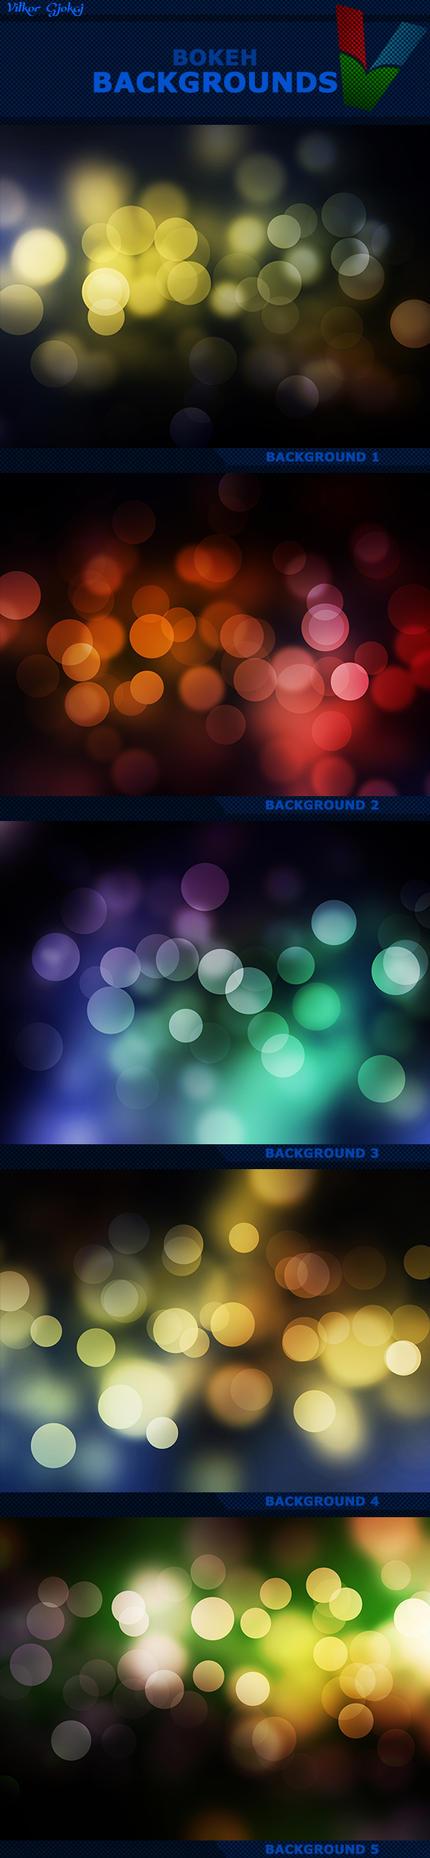 Bokeh Backgrounds by ViktorGjokaj